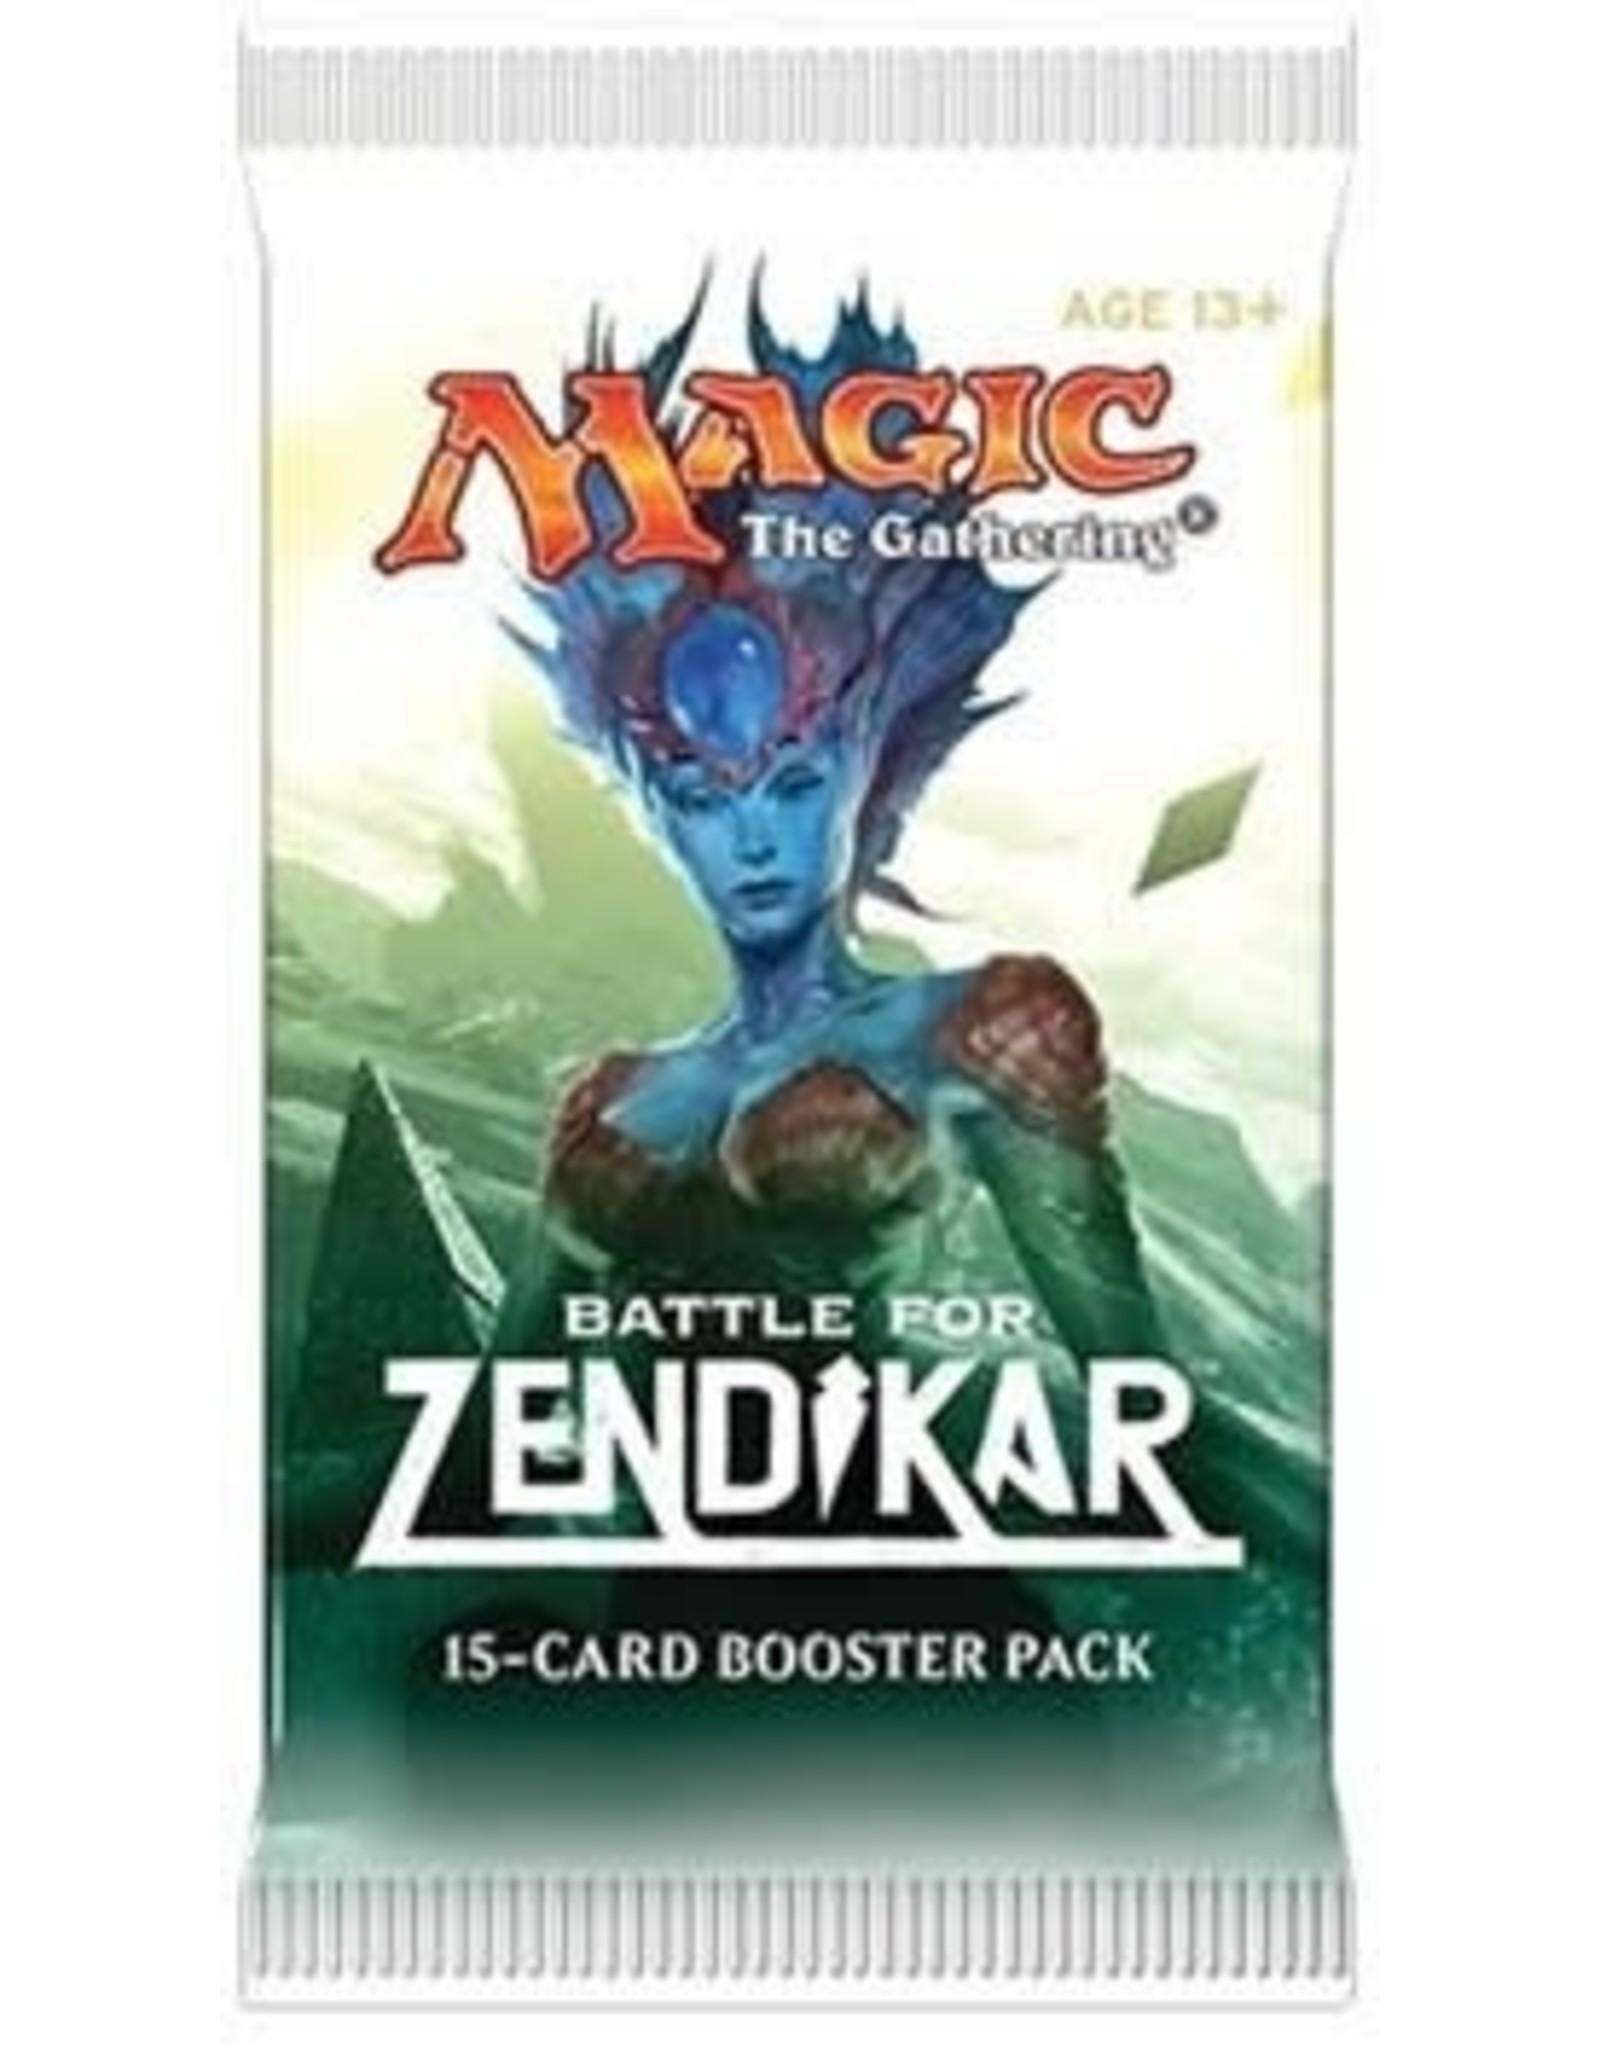 Battle for Zendikar Booster Pack